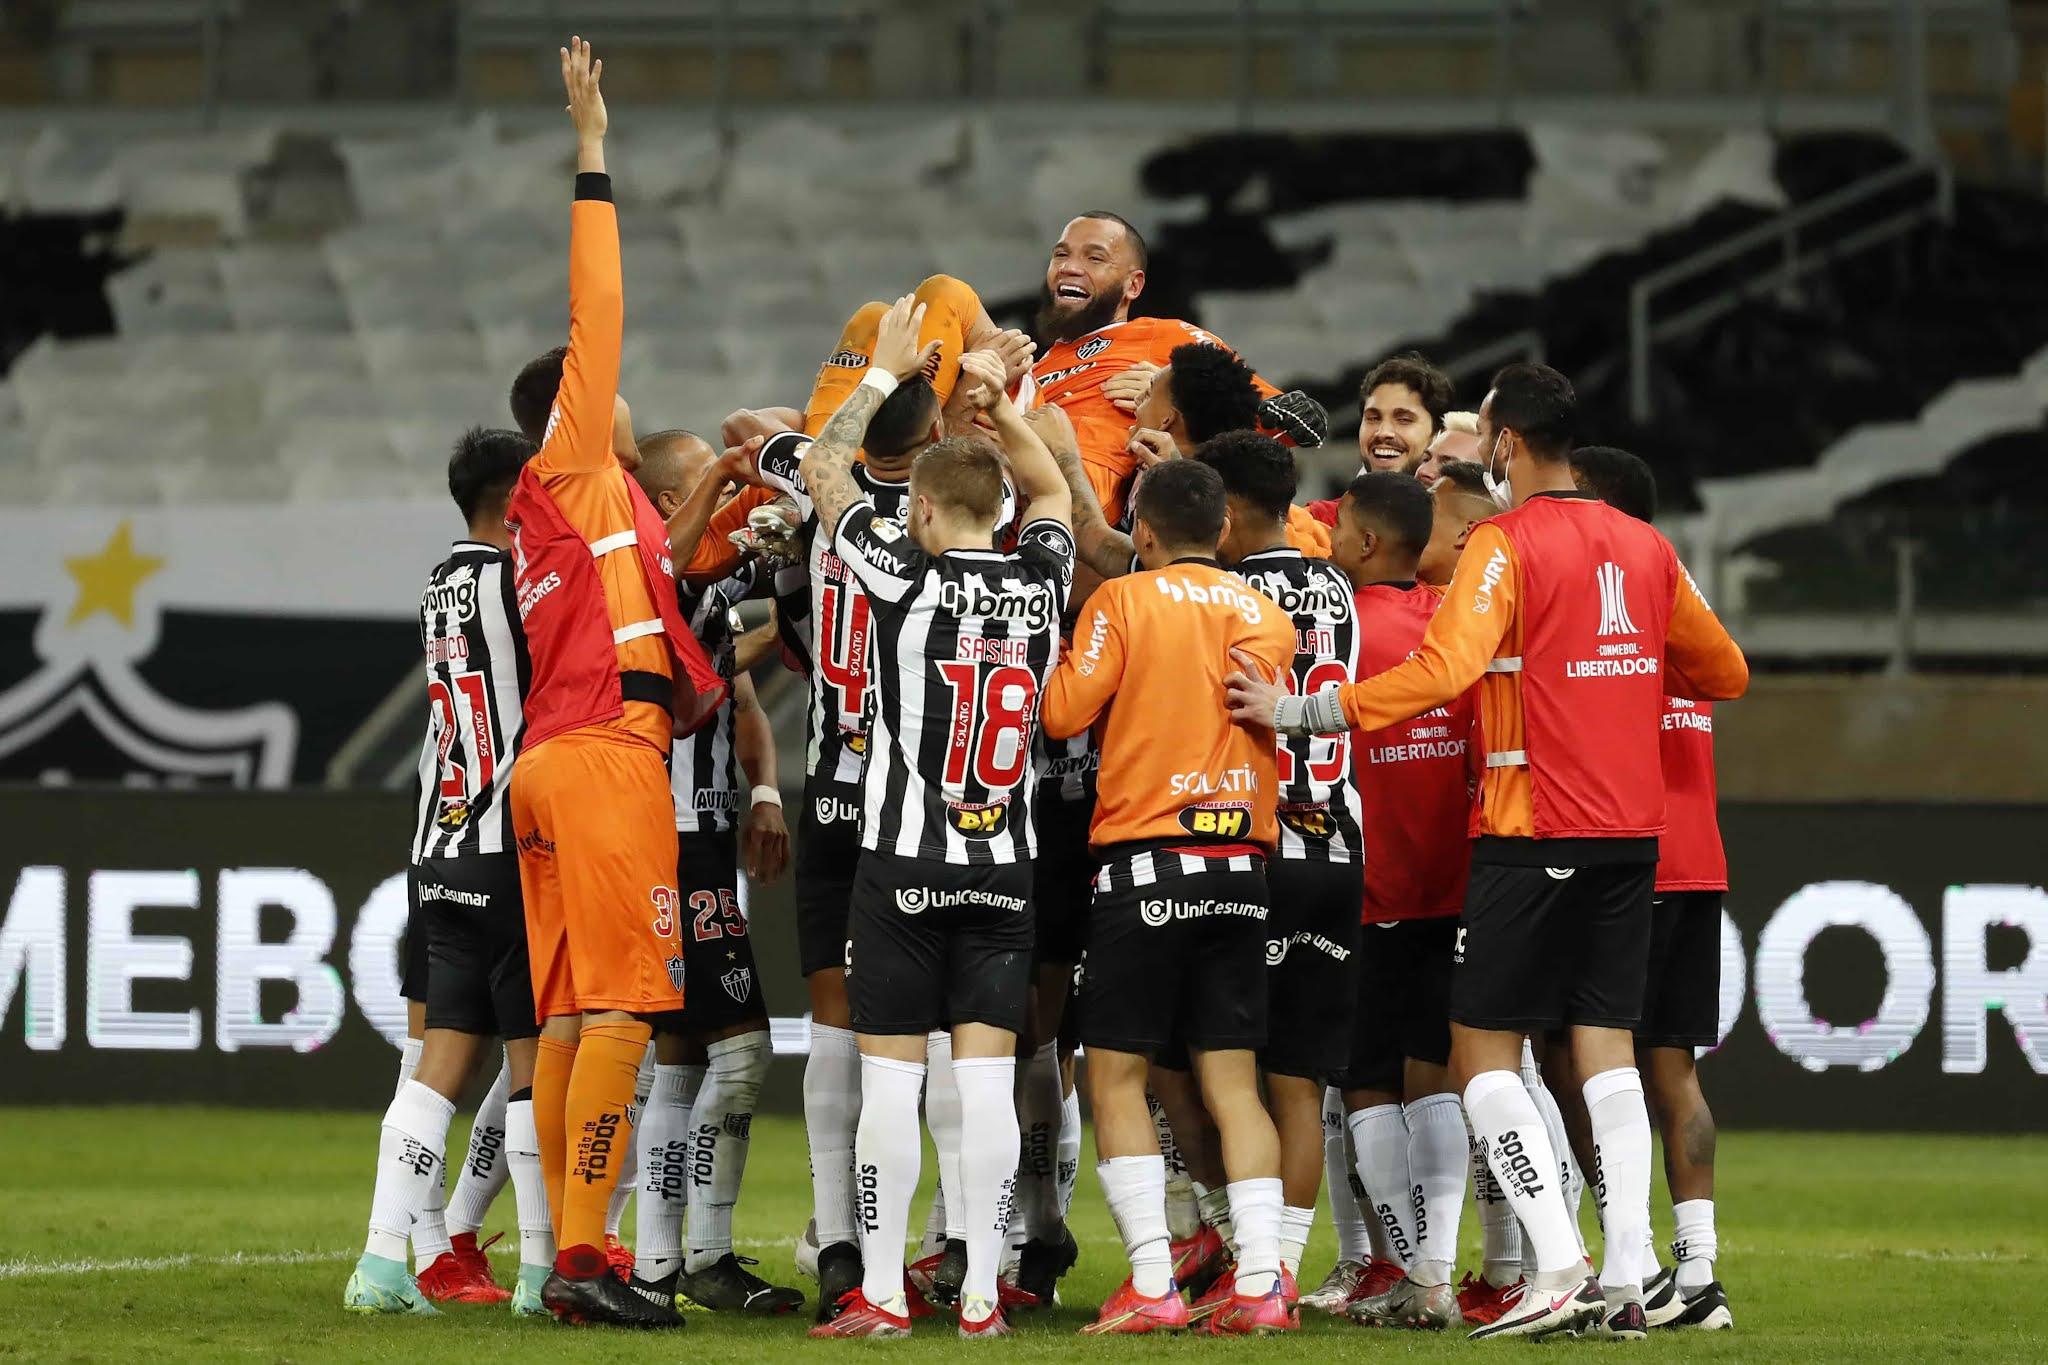 Boca quedó eliminado de la Libertadores ante Mineiro por el VAR y los penales